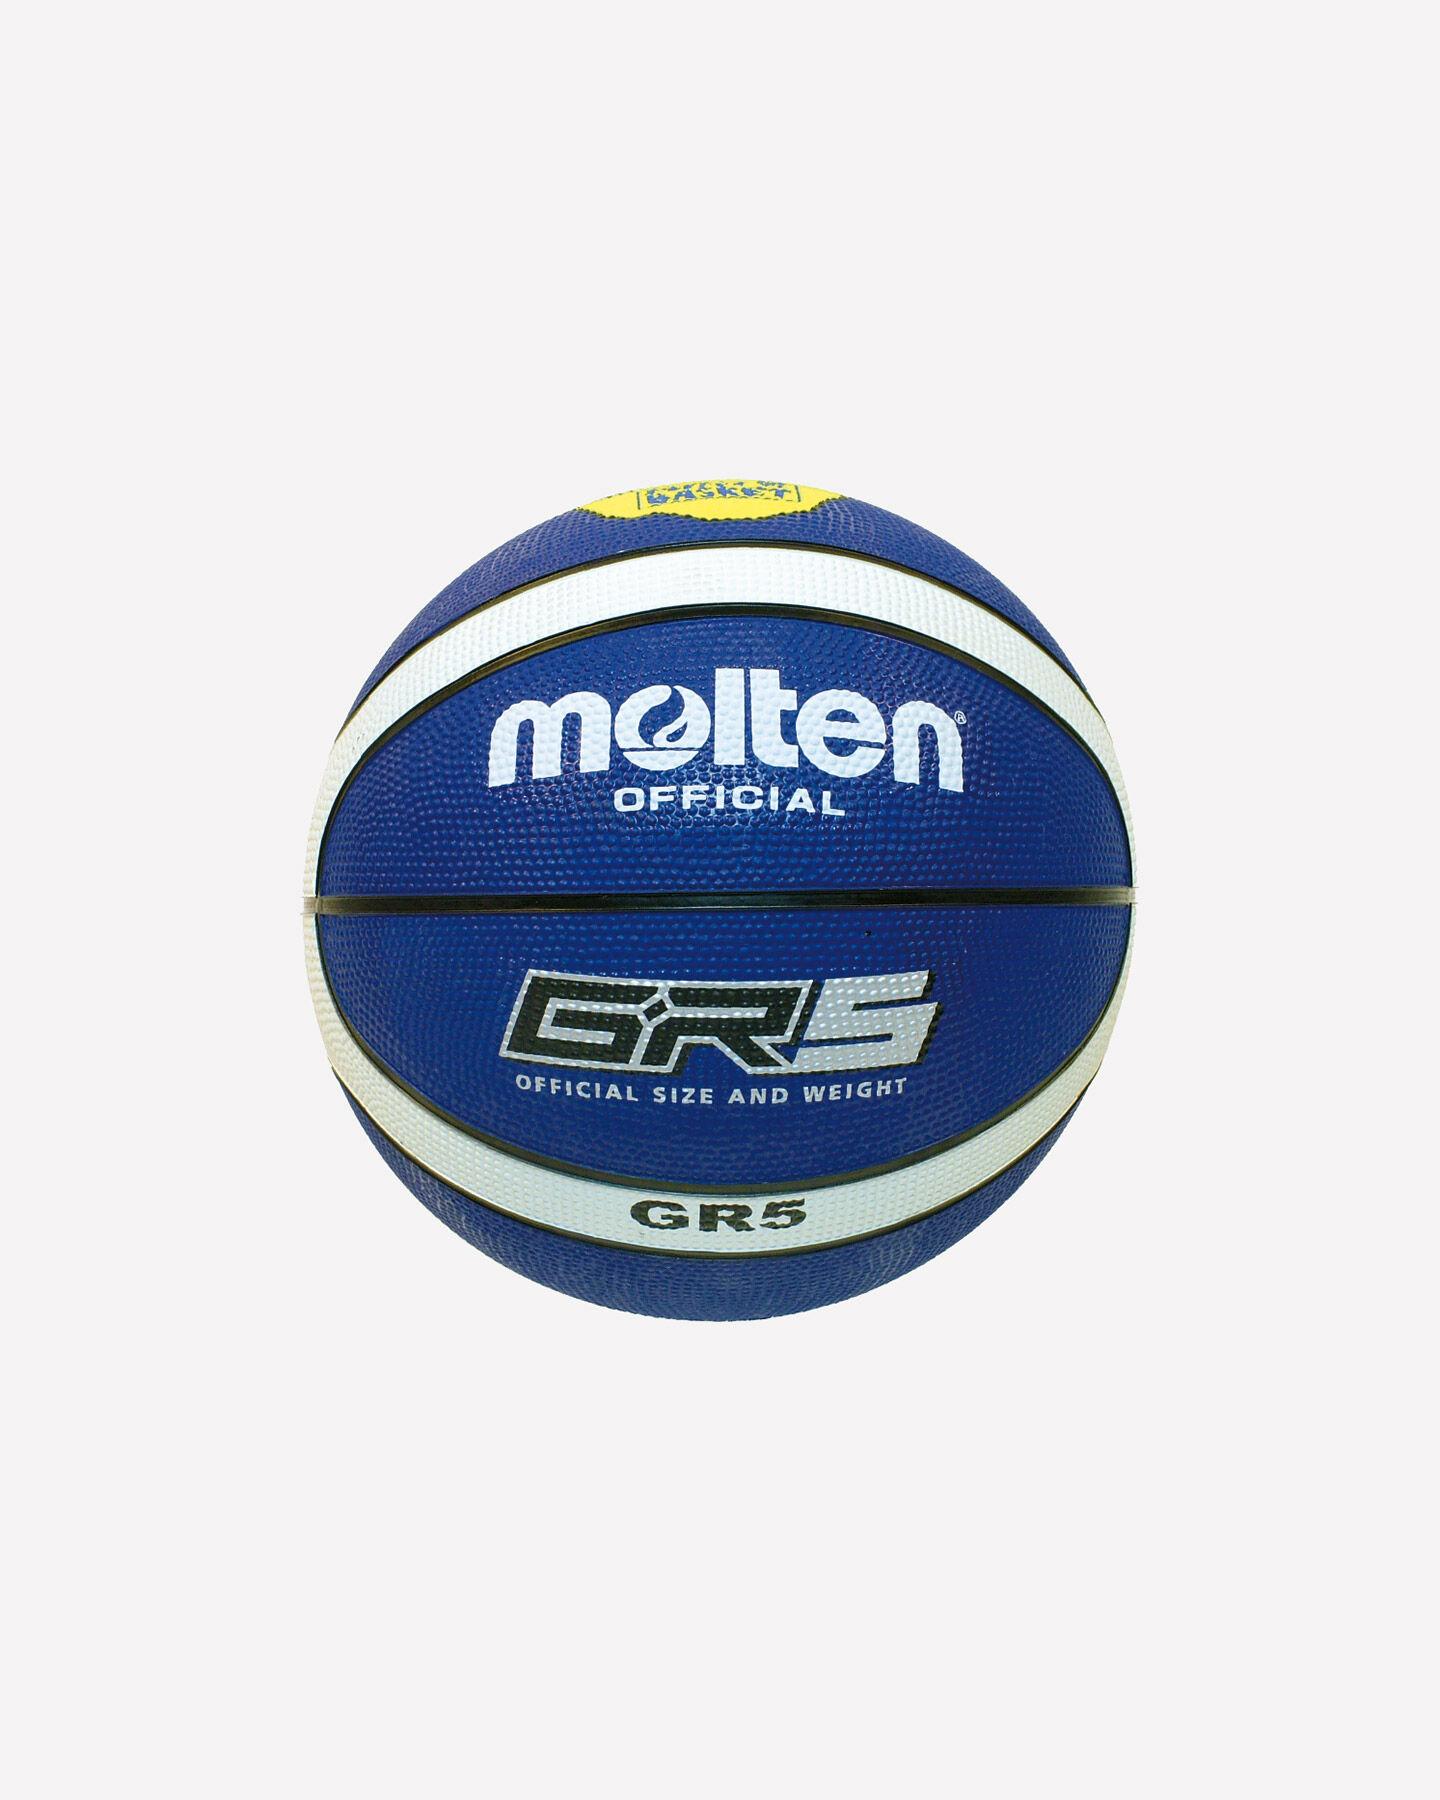 Pallone basket MOLTEN GR5 MIS.5 S0695416|1|UNI scatto 0